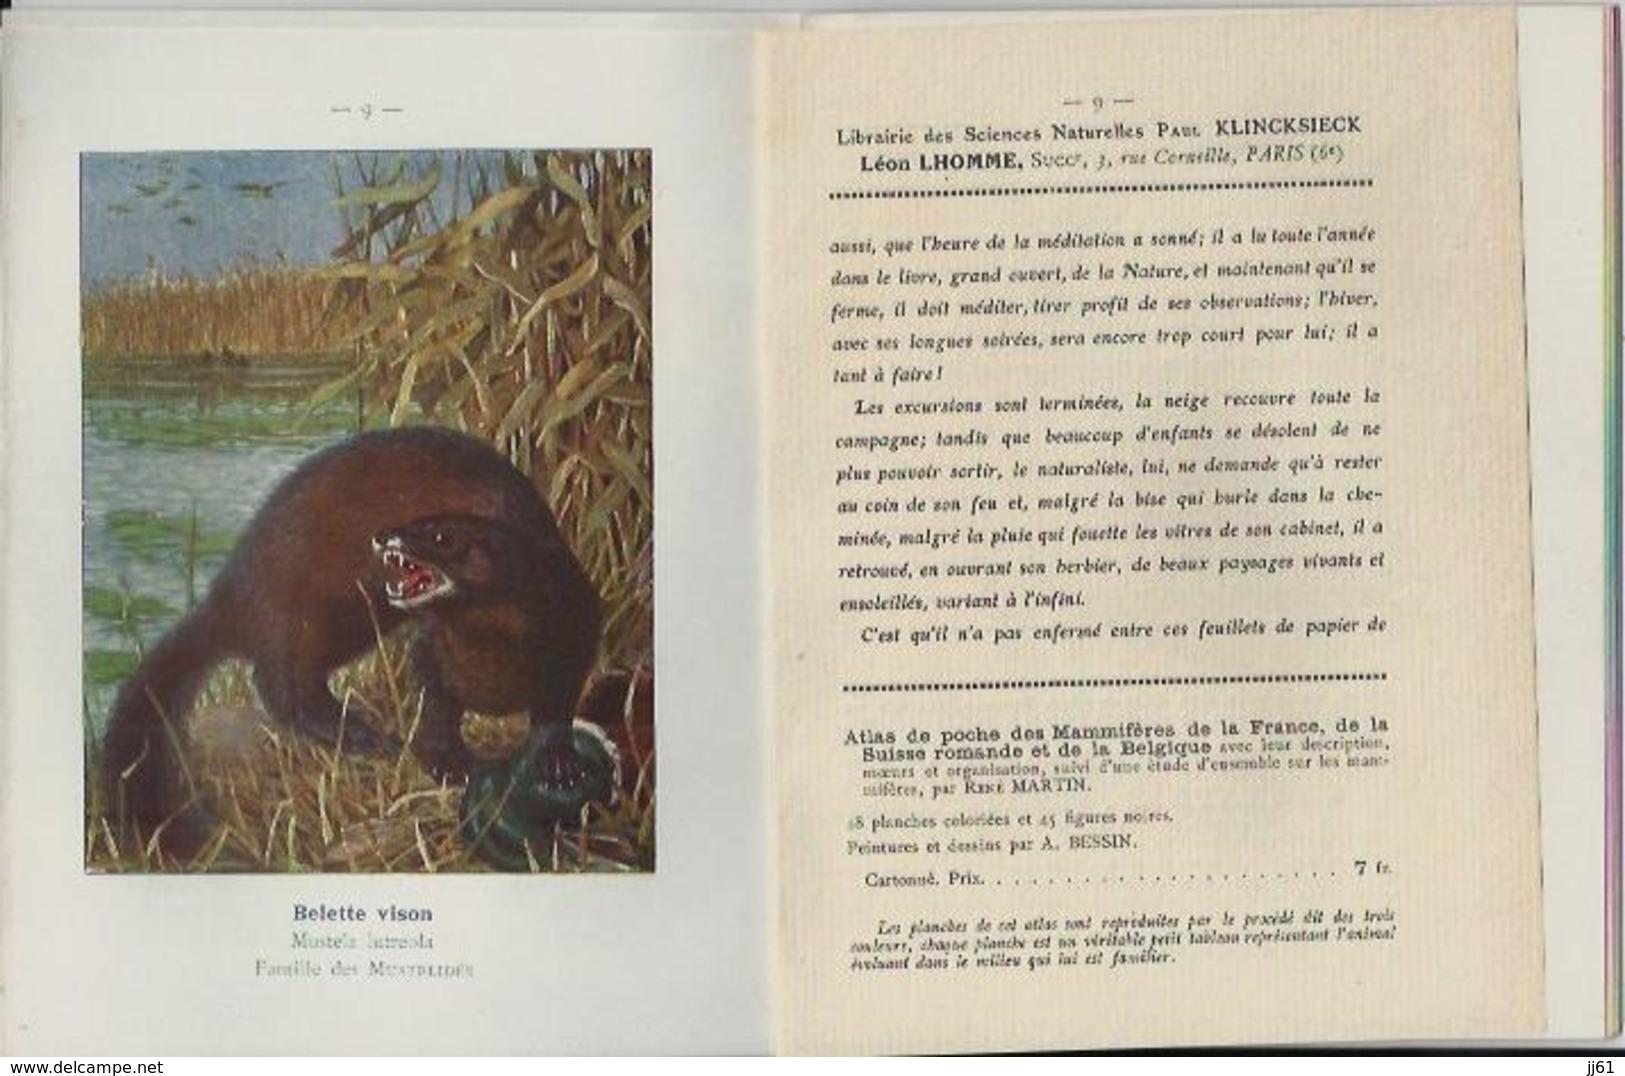 PARIS LIBRAIRIE DES SCIENCES NATURELLES PAUL KLINCKSIECK LEON LHOMME PETIT LIVRE 16 PAGES DEDICACE GEORGES DESPLANTES - France